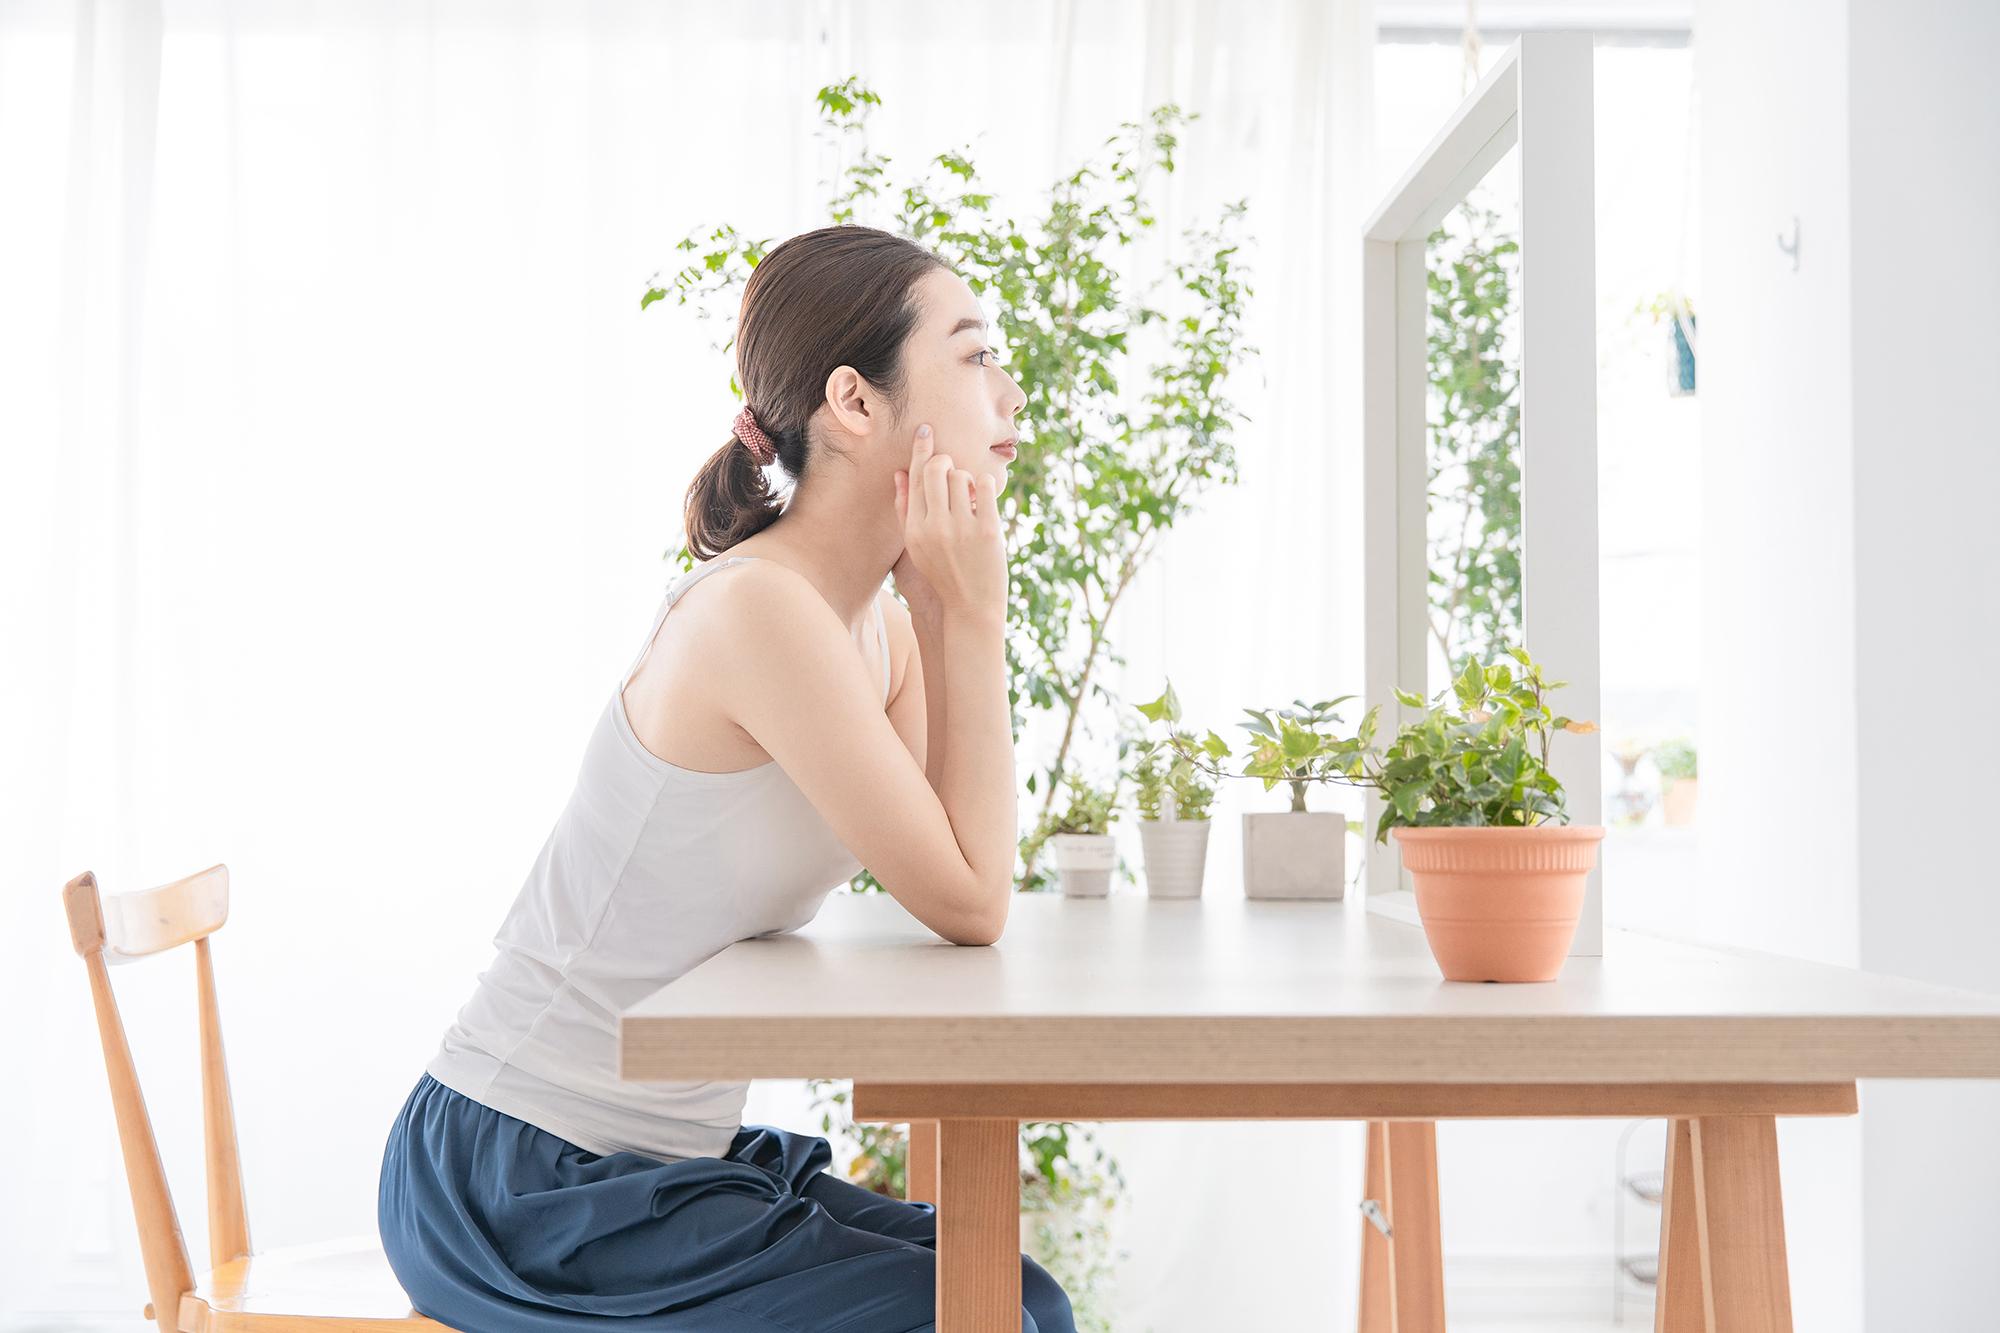 【医師監修】ザラザラする乾燥肌の原因とは?知っておきたい対処法も解説